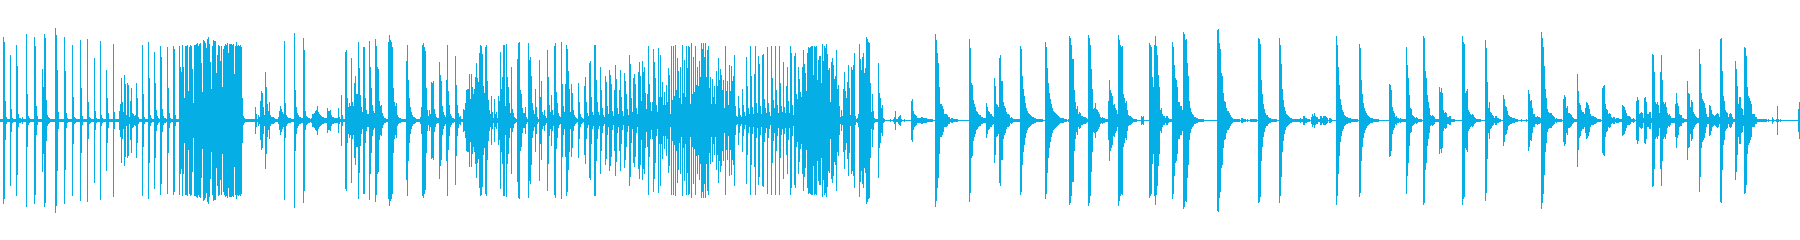 ベルテンプルリング複数Cの再生済みの波形